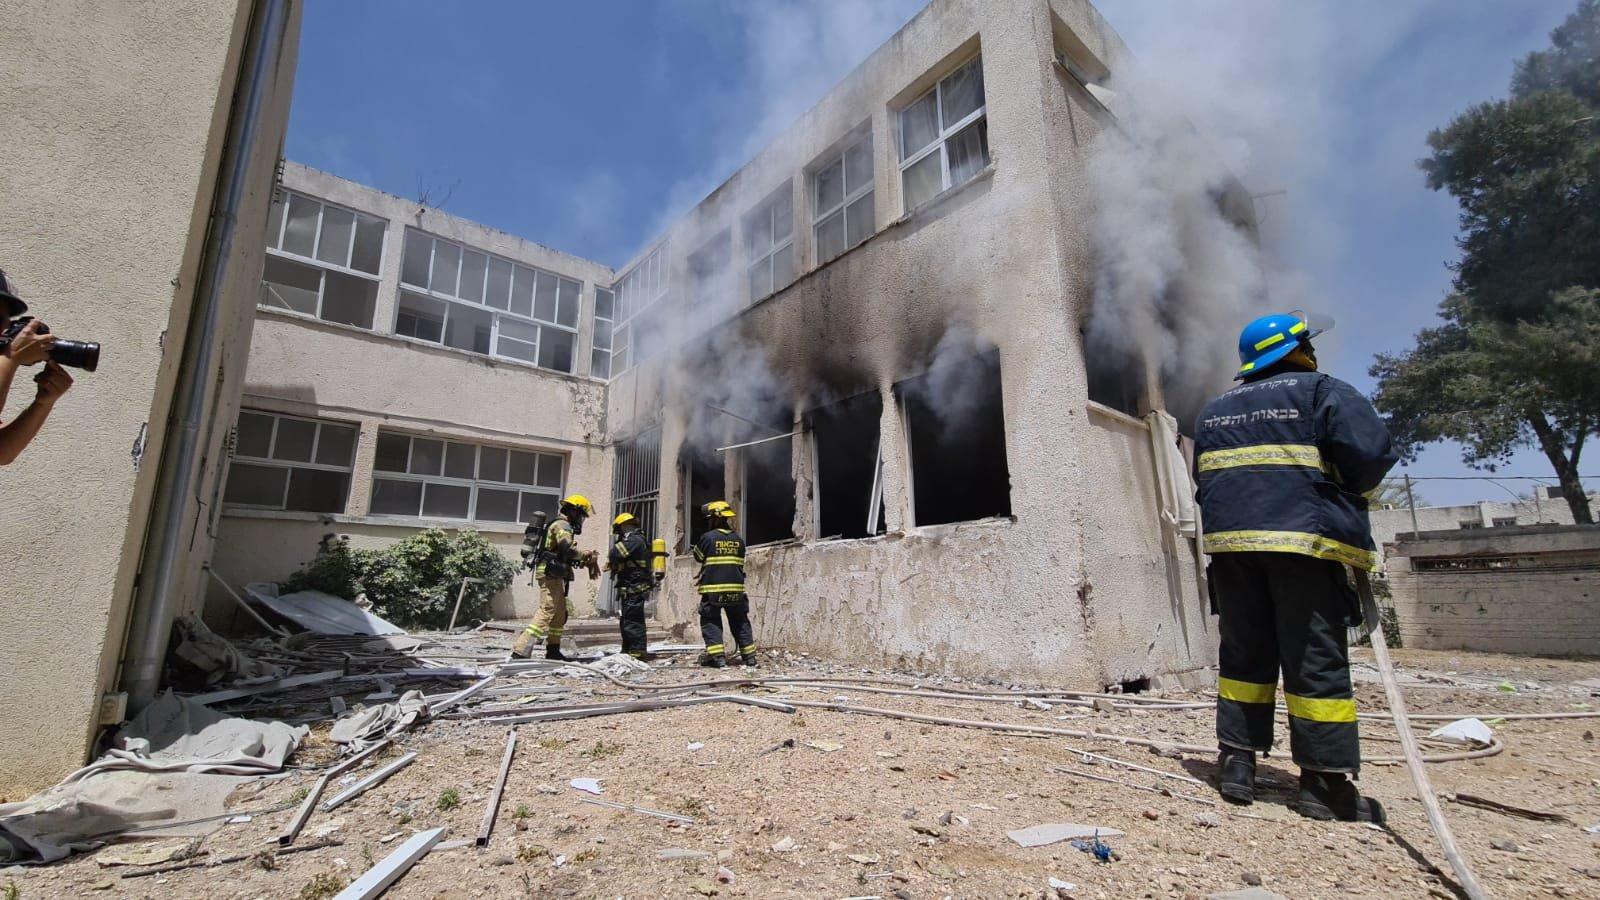 Zojuist is een school in Ashkelon in Israel direct getroffen door een raket uit Gaza. De school gesloten ivm het gaande conflict. #Israel #Gaza https://t.co/nAOScRZAtX